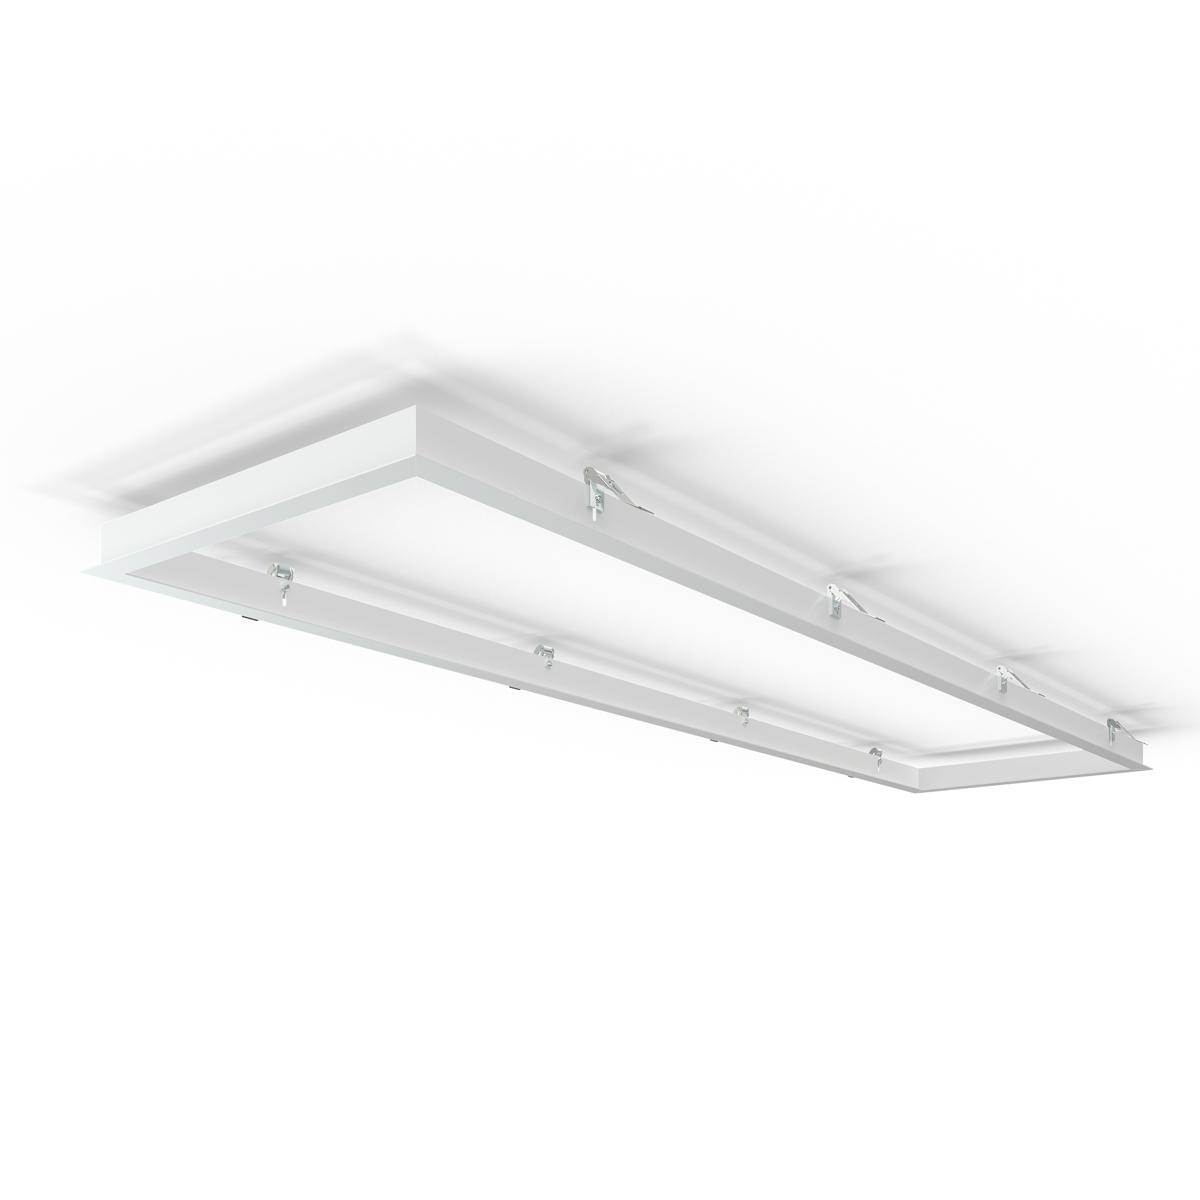 LED Panel Einbaurahmen 160x40cm weiß Deckeneinbau Montagerahmen für Rigipskartondecke